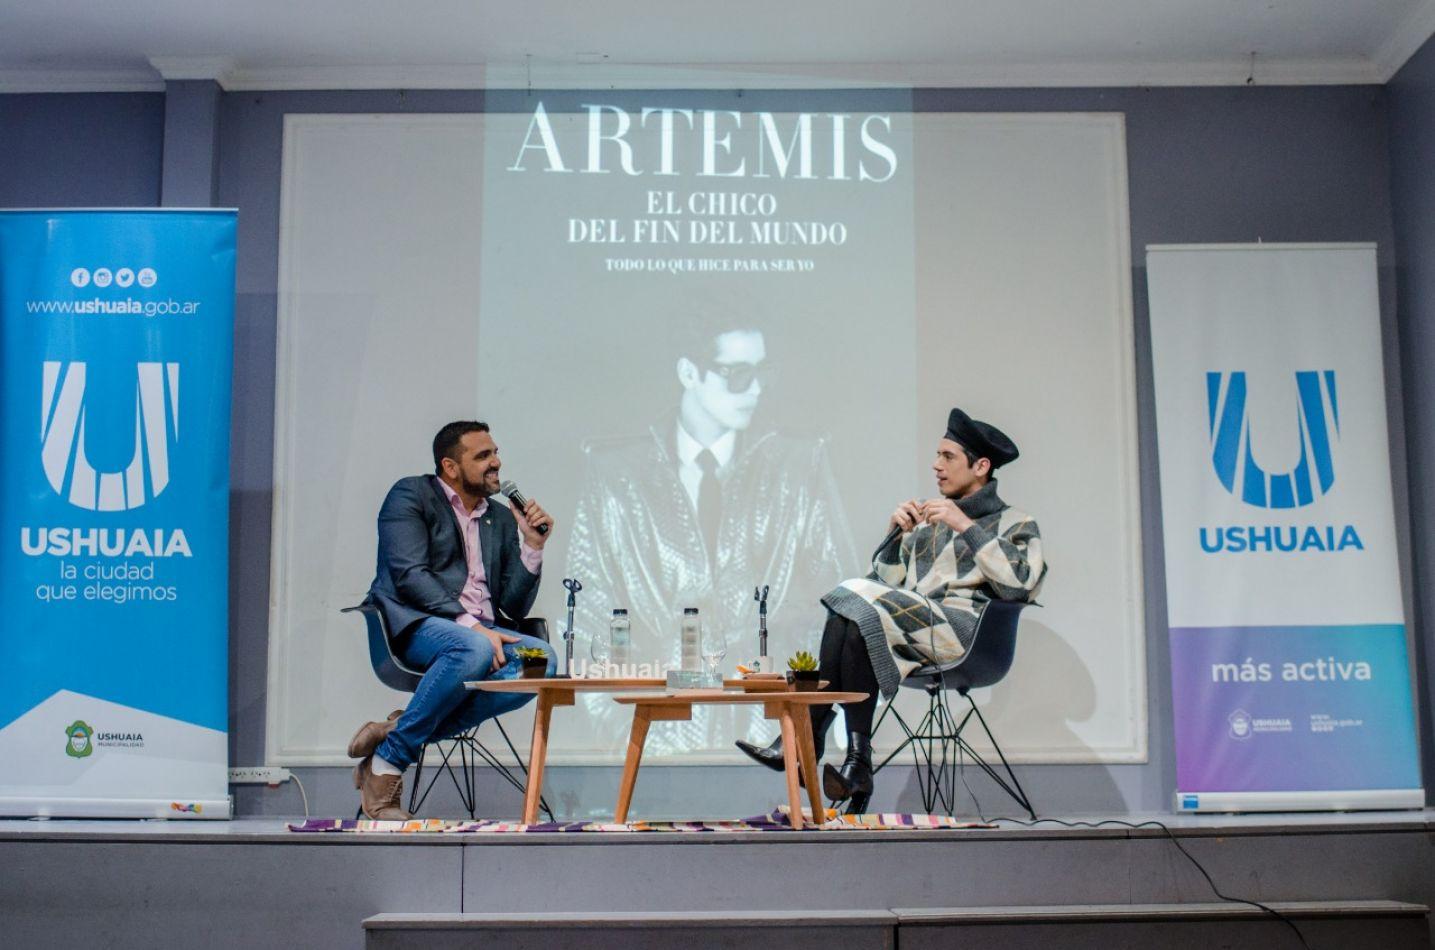 Vuoto acompañó la presentación del libro de Santiago Artemis